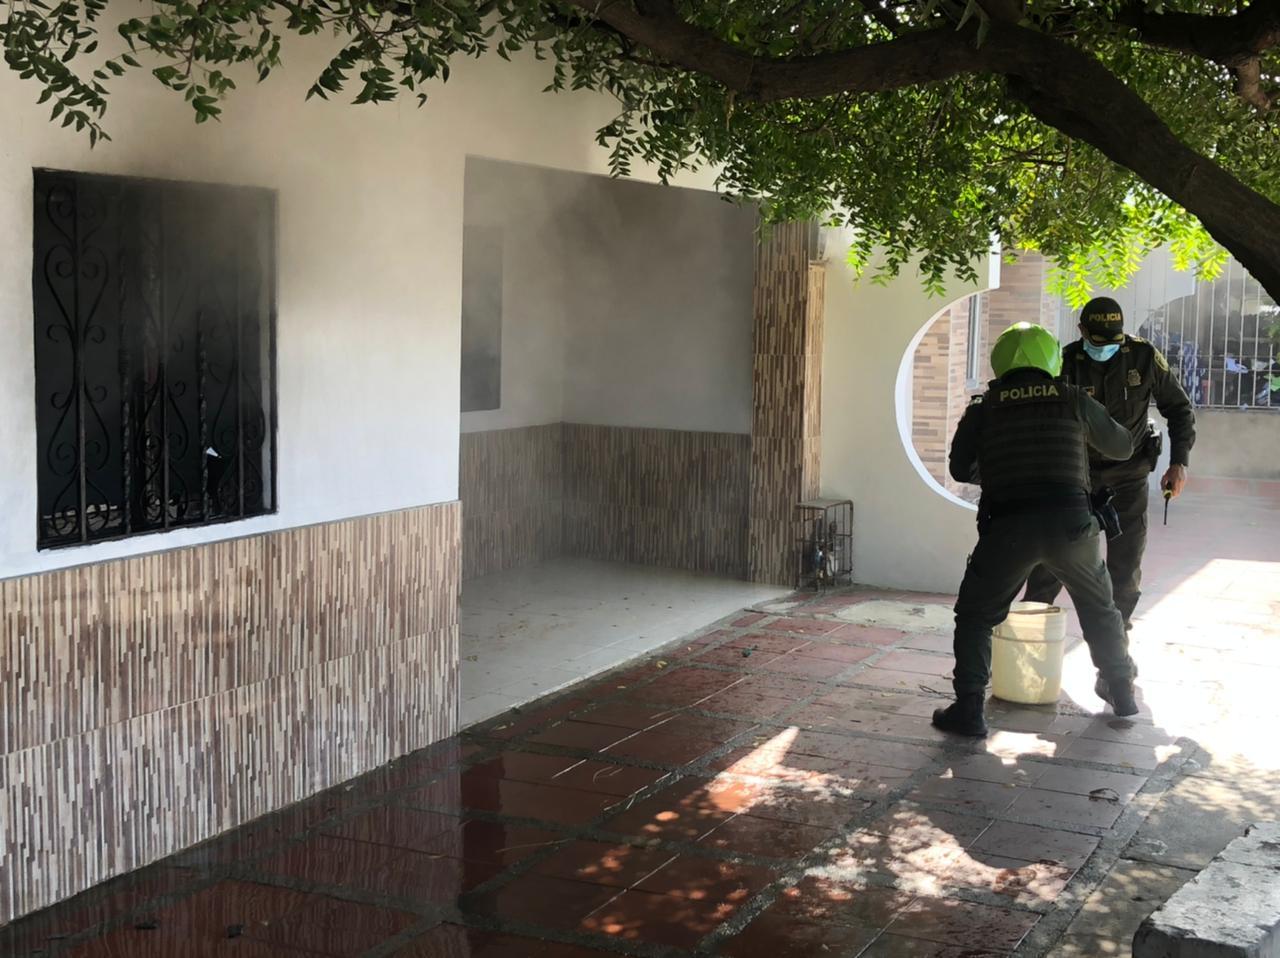 https://www.notasrosas.com/Uniformados de la Policía Nacional conjuraron incendio de una vivienda en Maicao